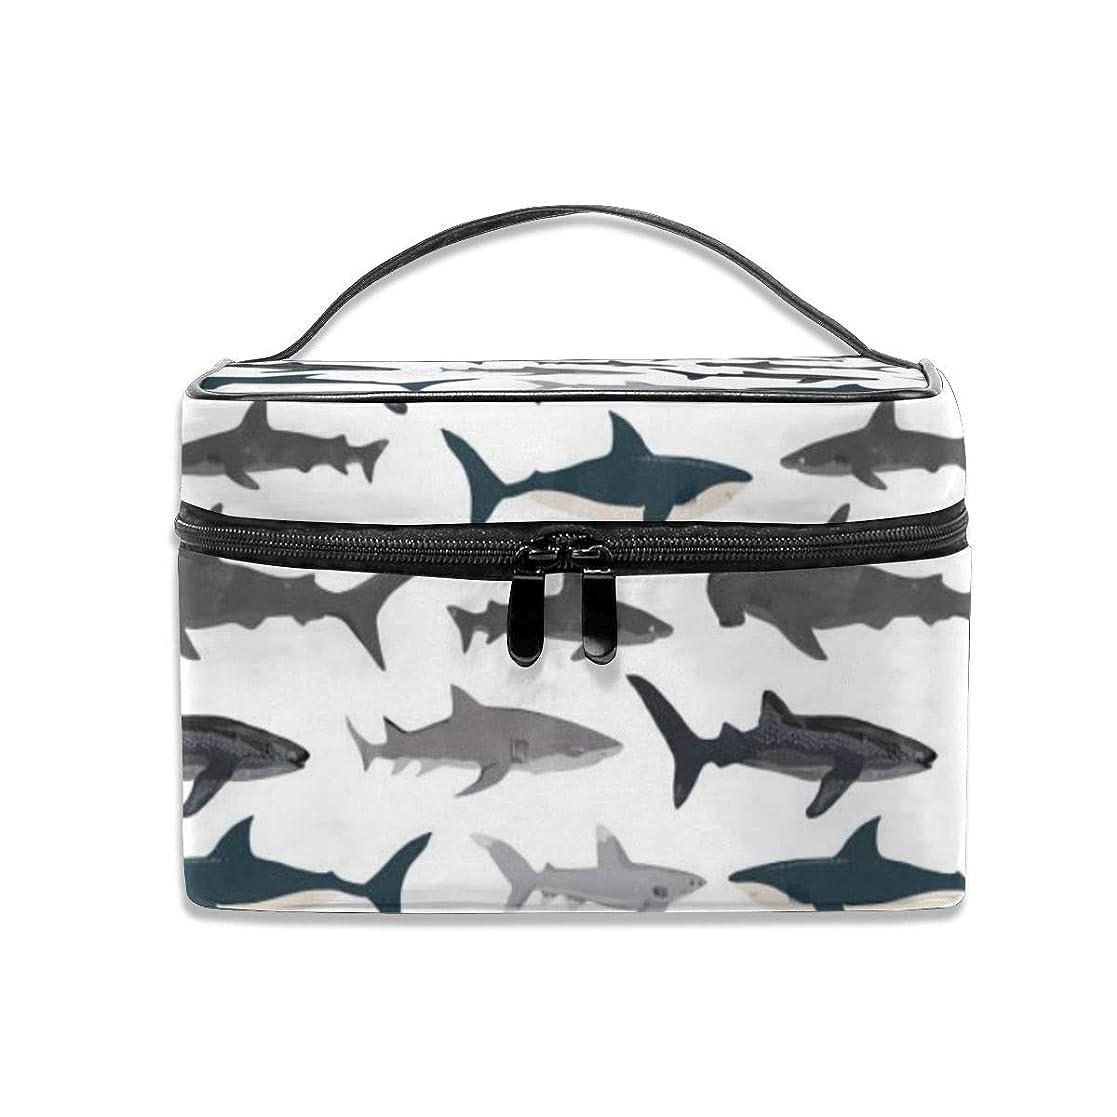 楽しむ電話に出る震えるサメ柄 化粧ポーチ 化粧品バッグ 化粧品収納バッグ 収納バッグ 防水ウォッシュバッグ ポータブル 持ち運び便利 大容量 軽量 ユニセックス 旅行する